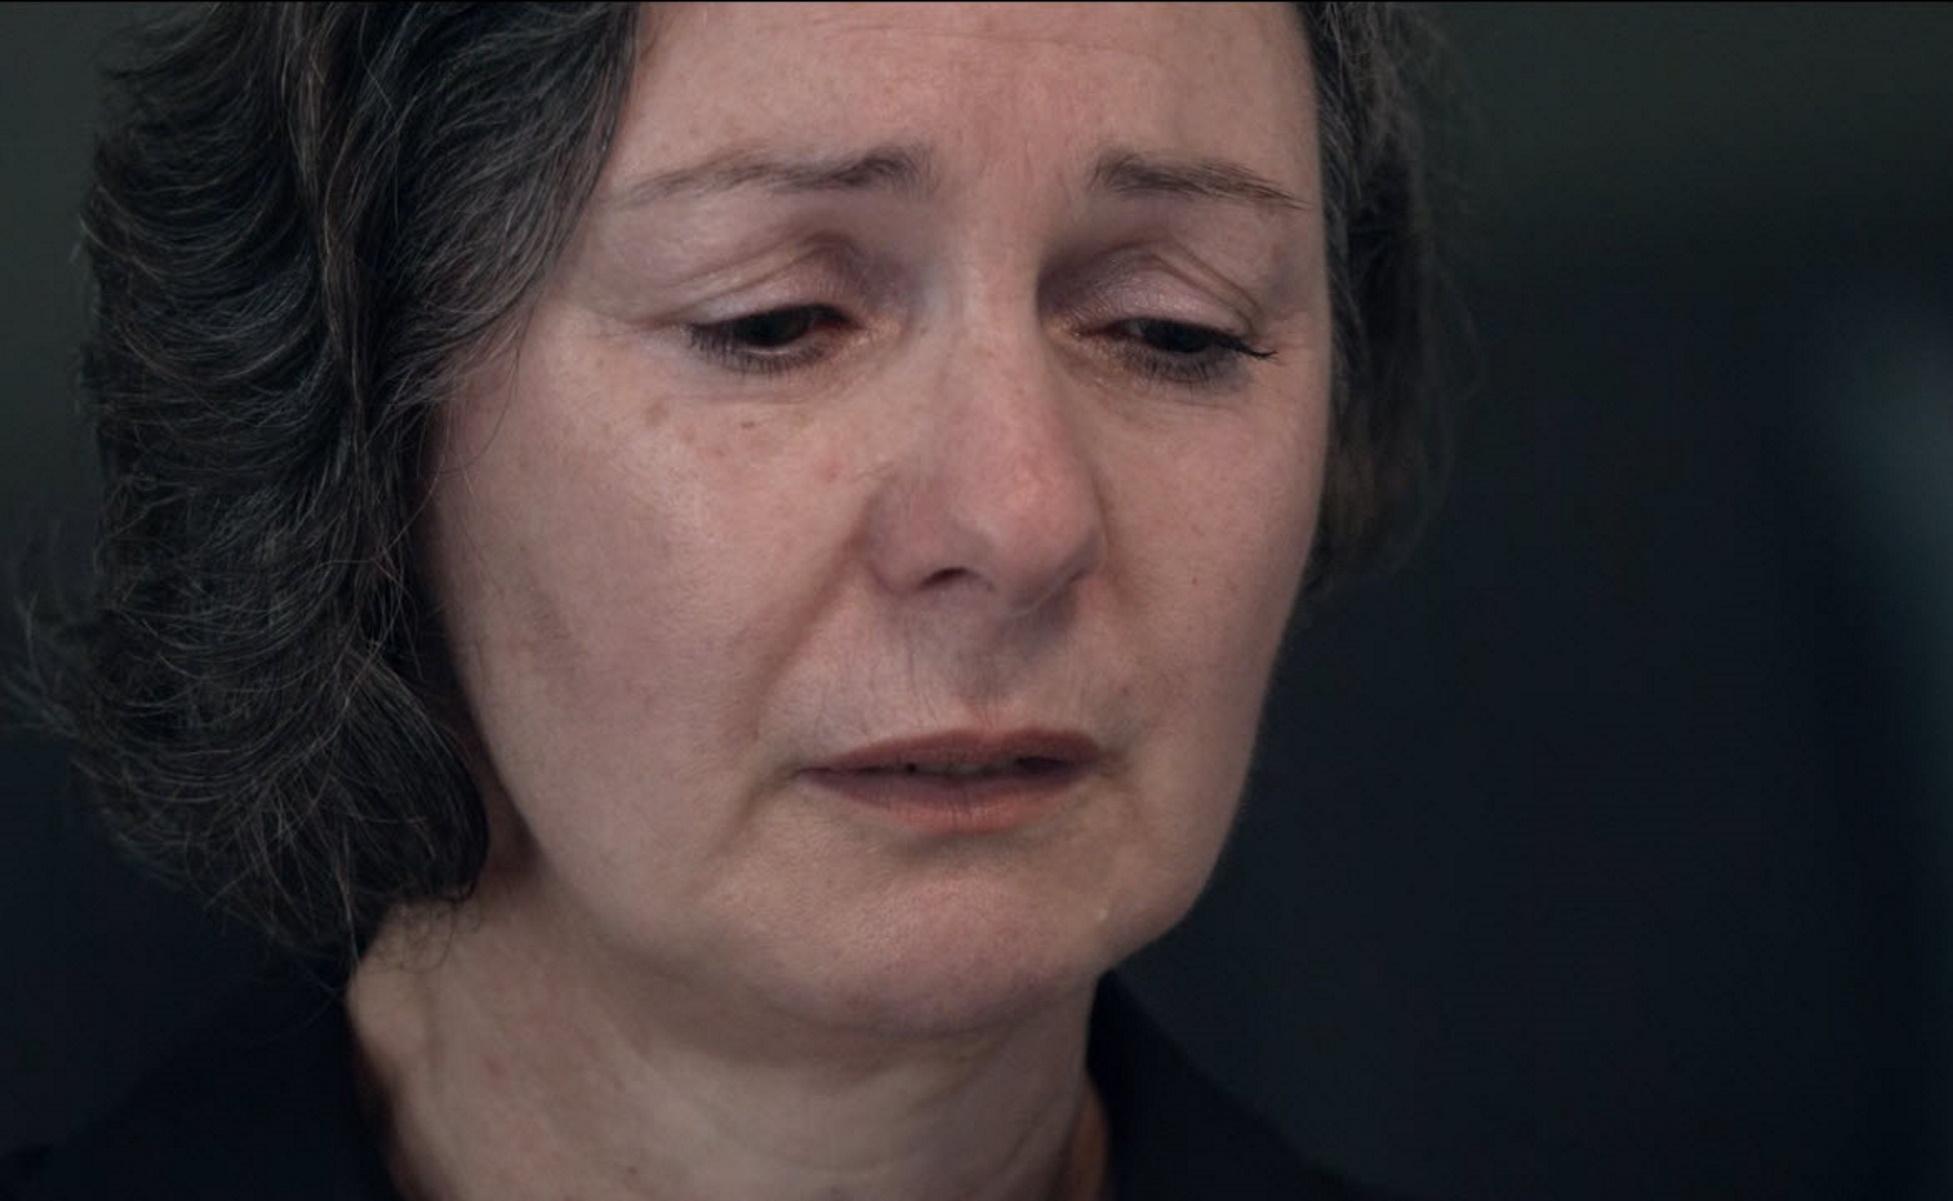 Η μητέρα του Ζακ Κωστόπουλου στο MEGA STORIES: «Είναι ό,τι πιο τραγικό να βλέπεις το θάνατο του παιδιού σου στην τηλεόραση» (video)